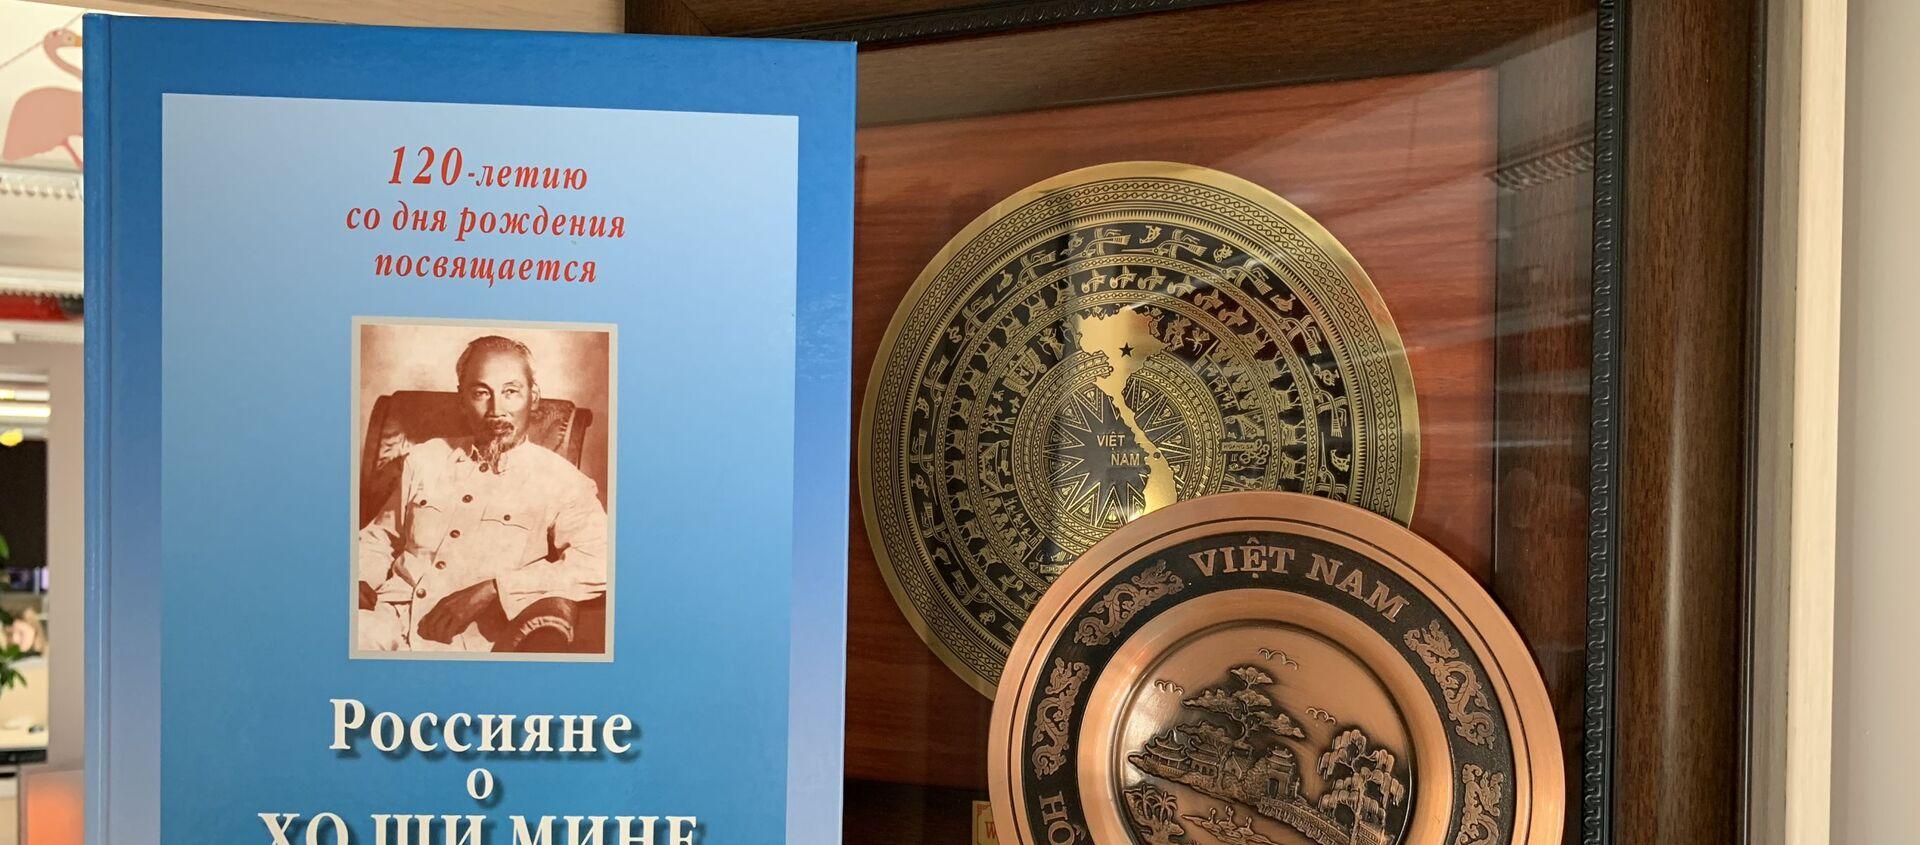 """""""Người Nga viết về Hồ Chí Minh"""" - Sputnik Việt Nam, 1920, 19.09.2019"""